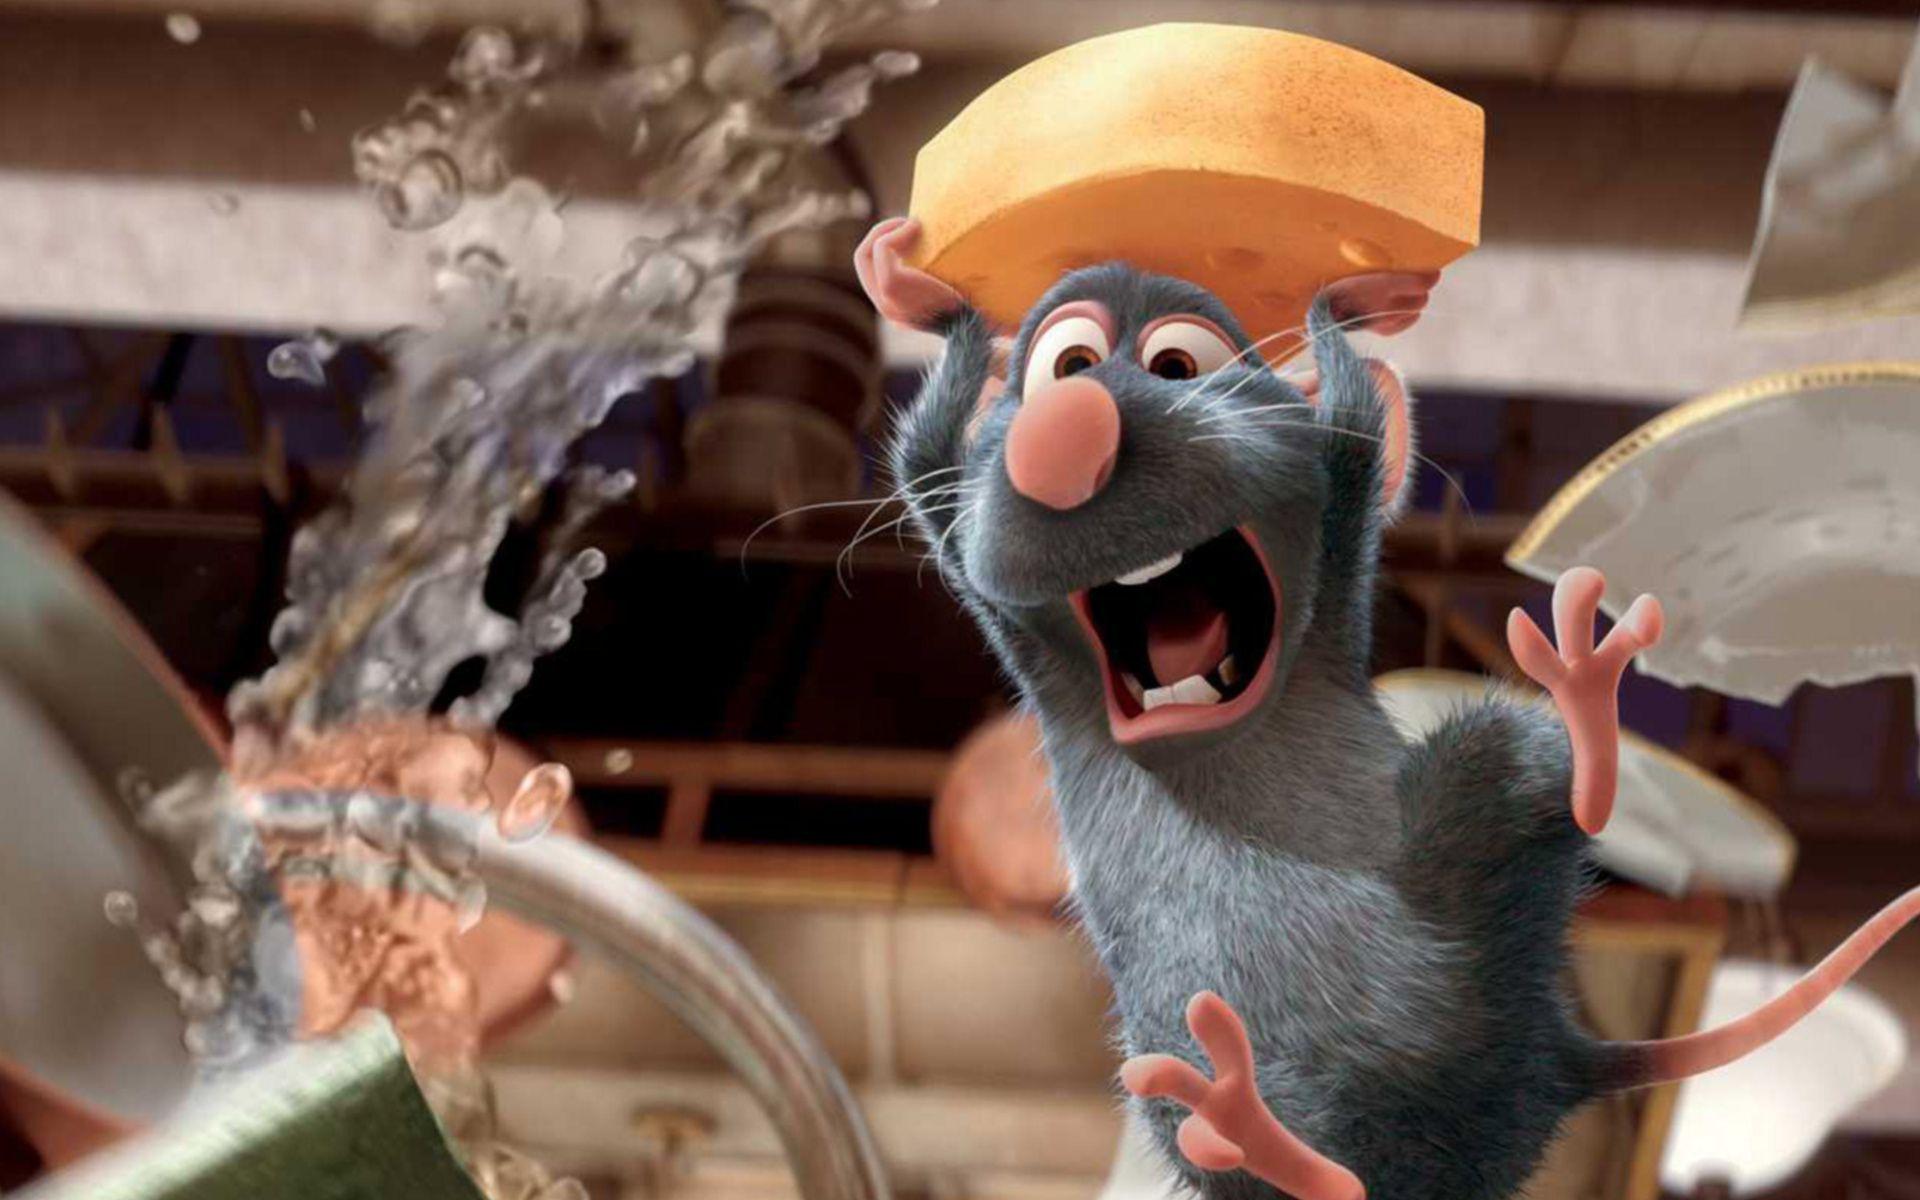 En iyi Pixar filmleri Ratatouille filmi